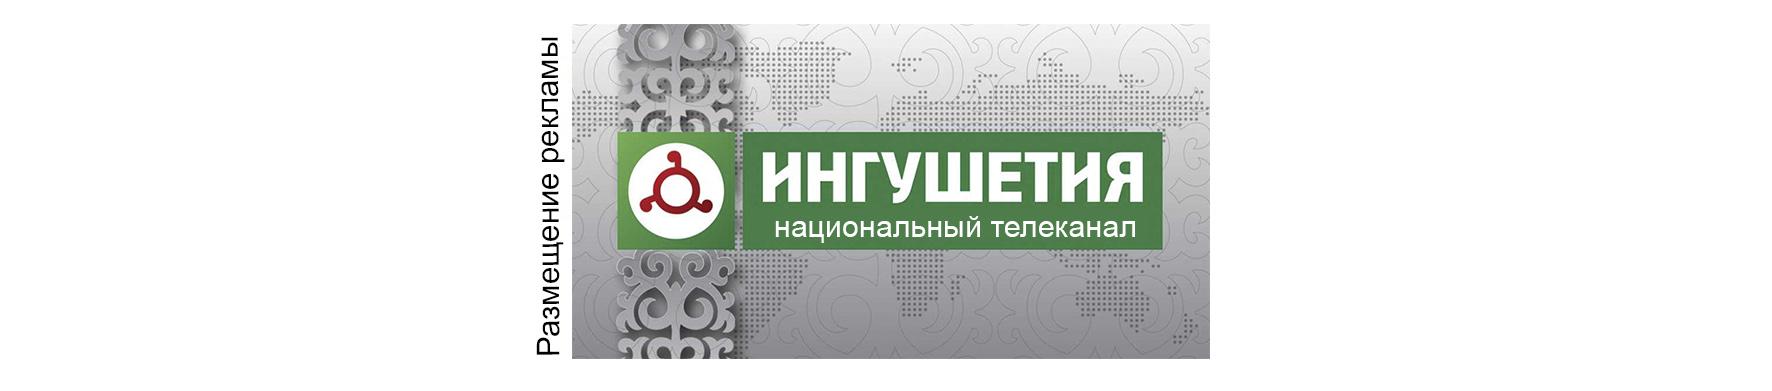 Реклама на телевидении в Республике Ингушетия национальный телеканал